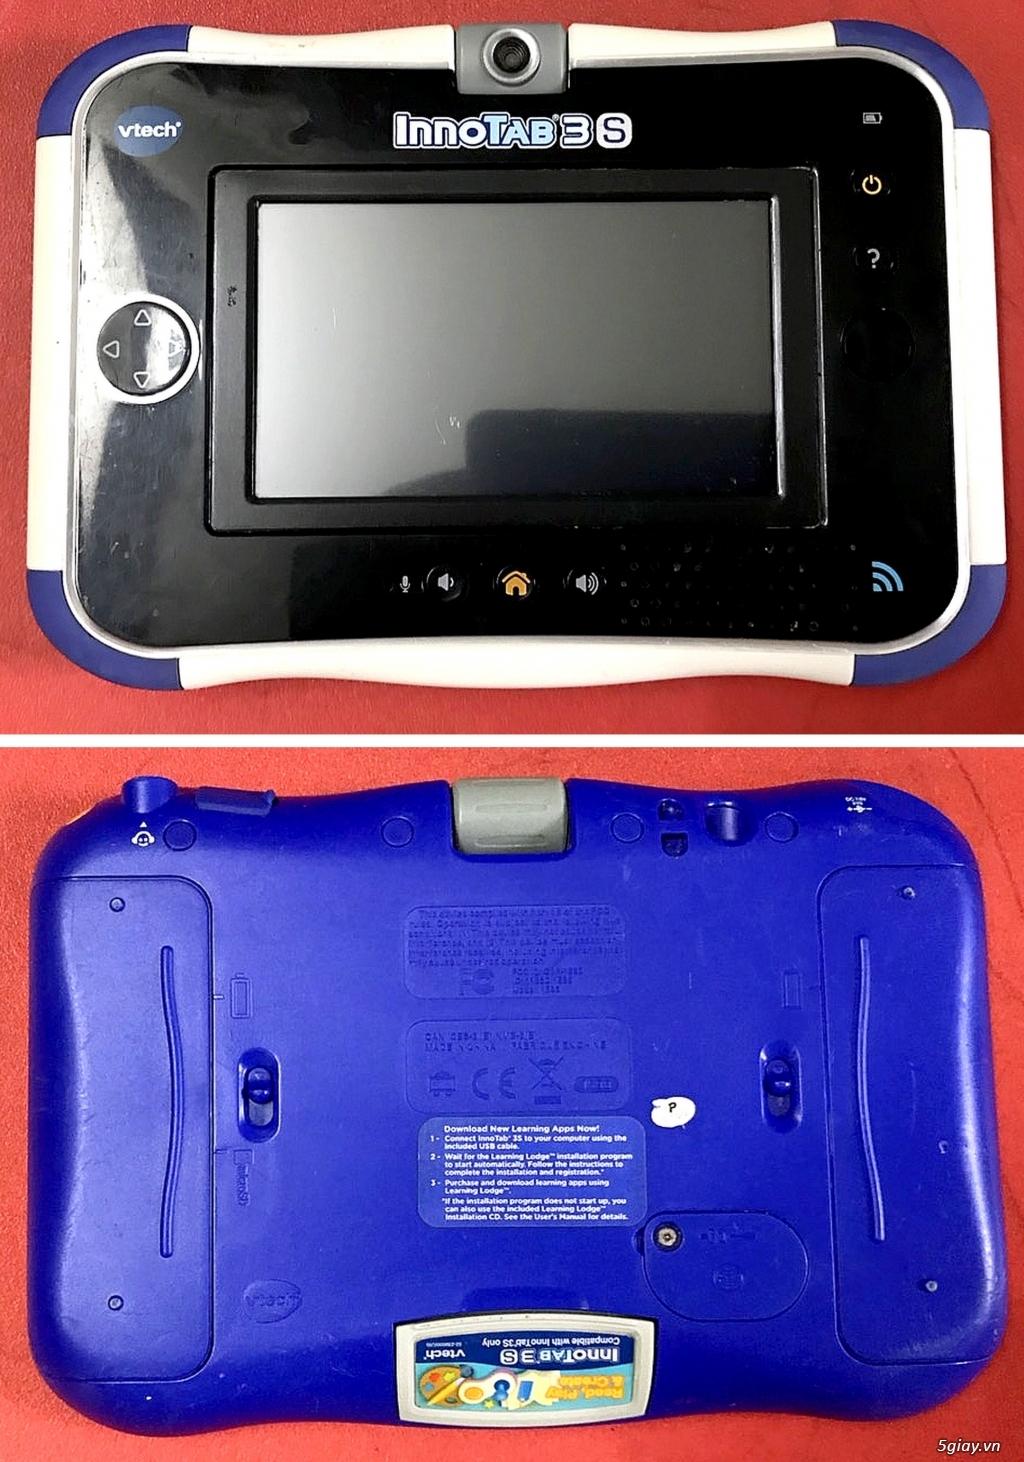 Bộ remote + Nunchuk cho Wii, Adaptor XBOX nhiều thứ linh kiện update thường xuyên...